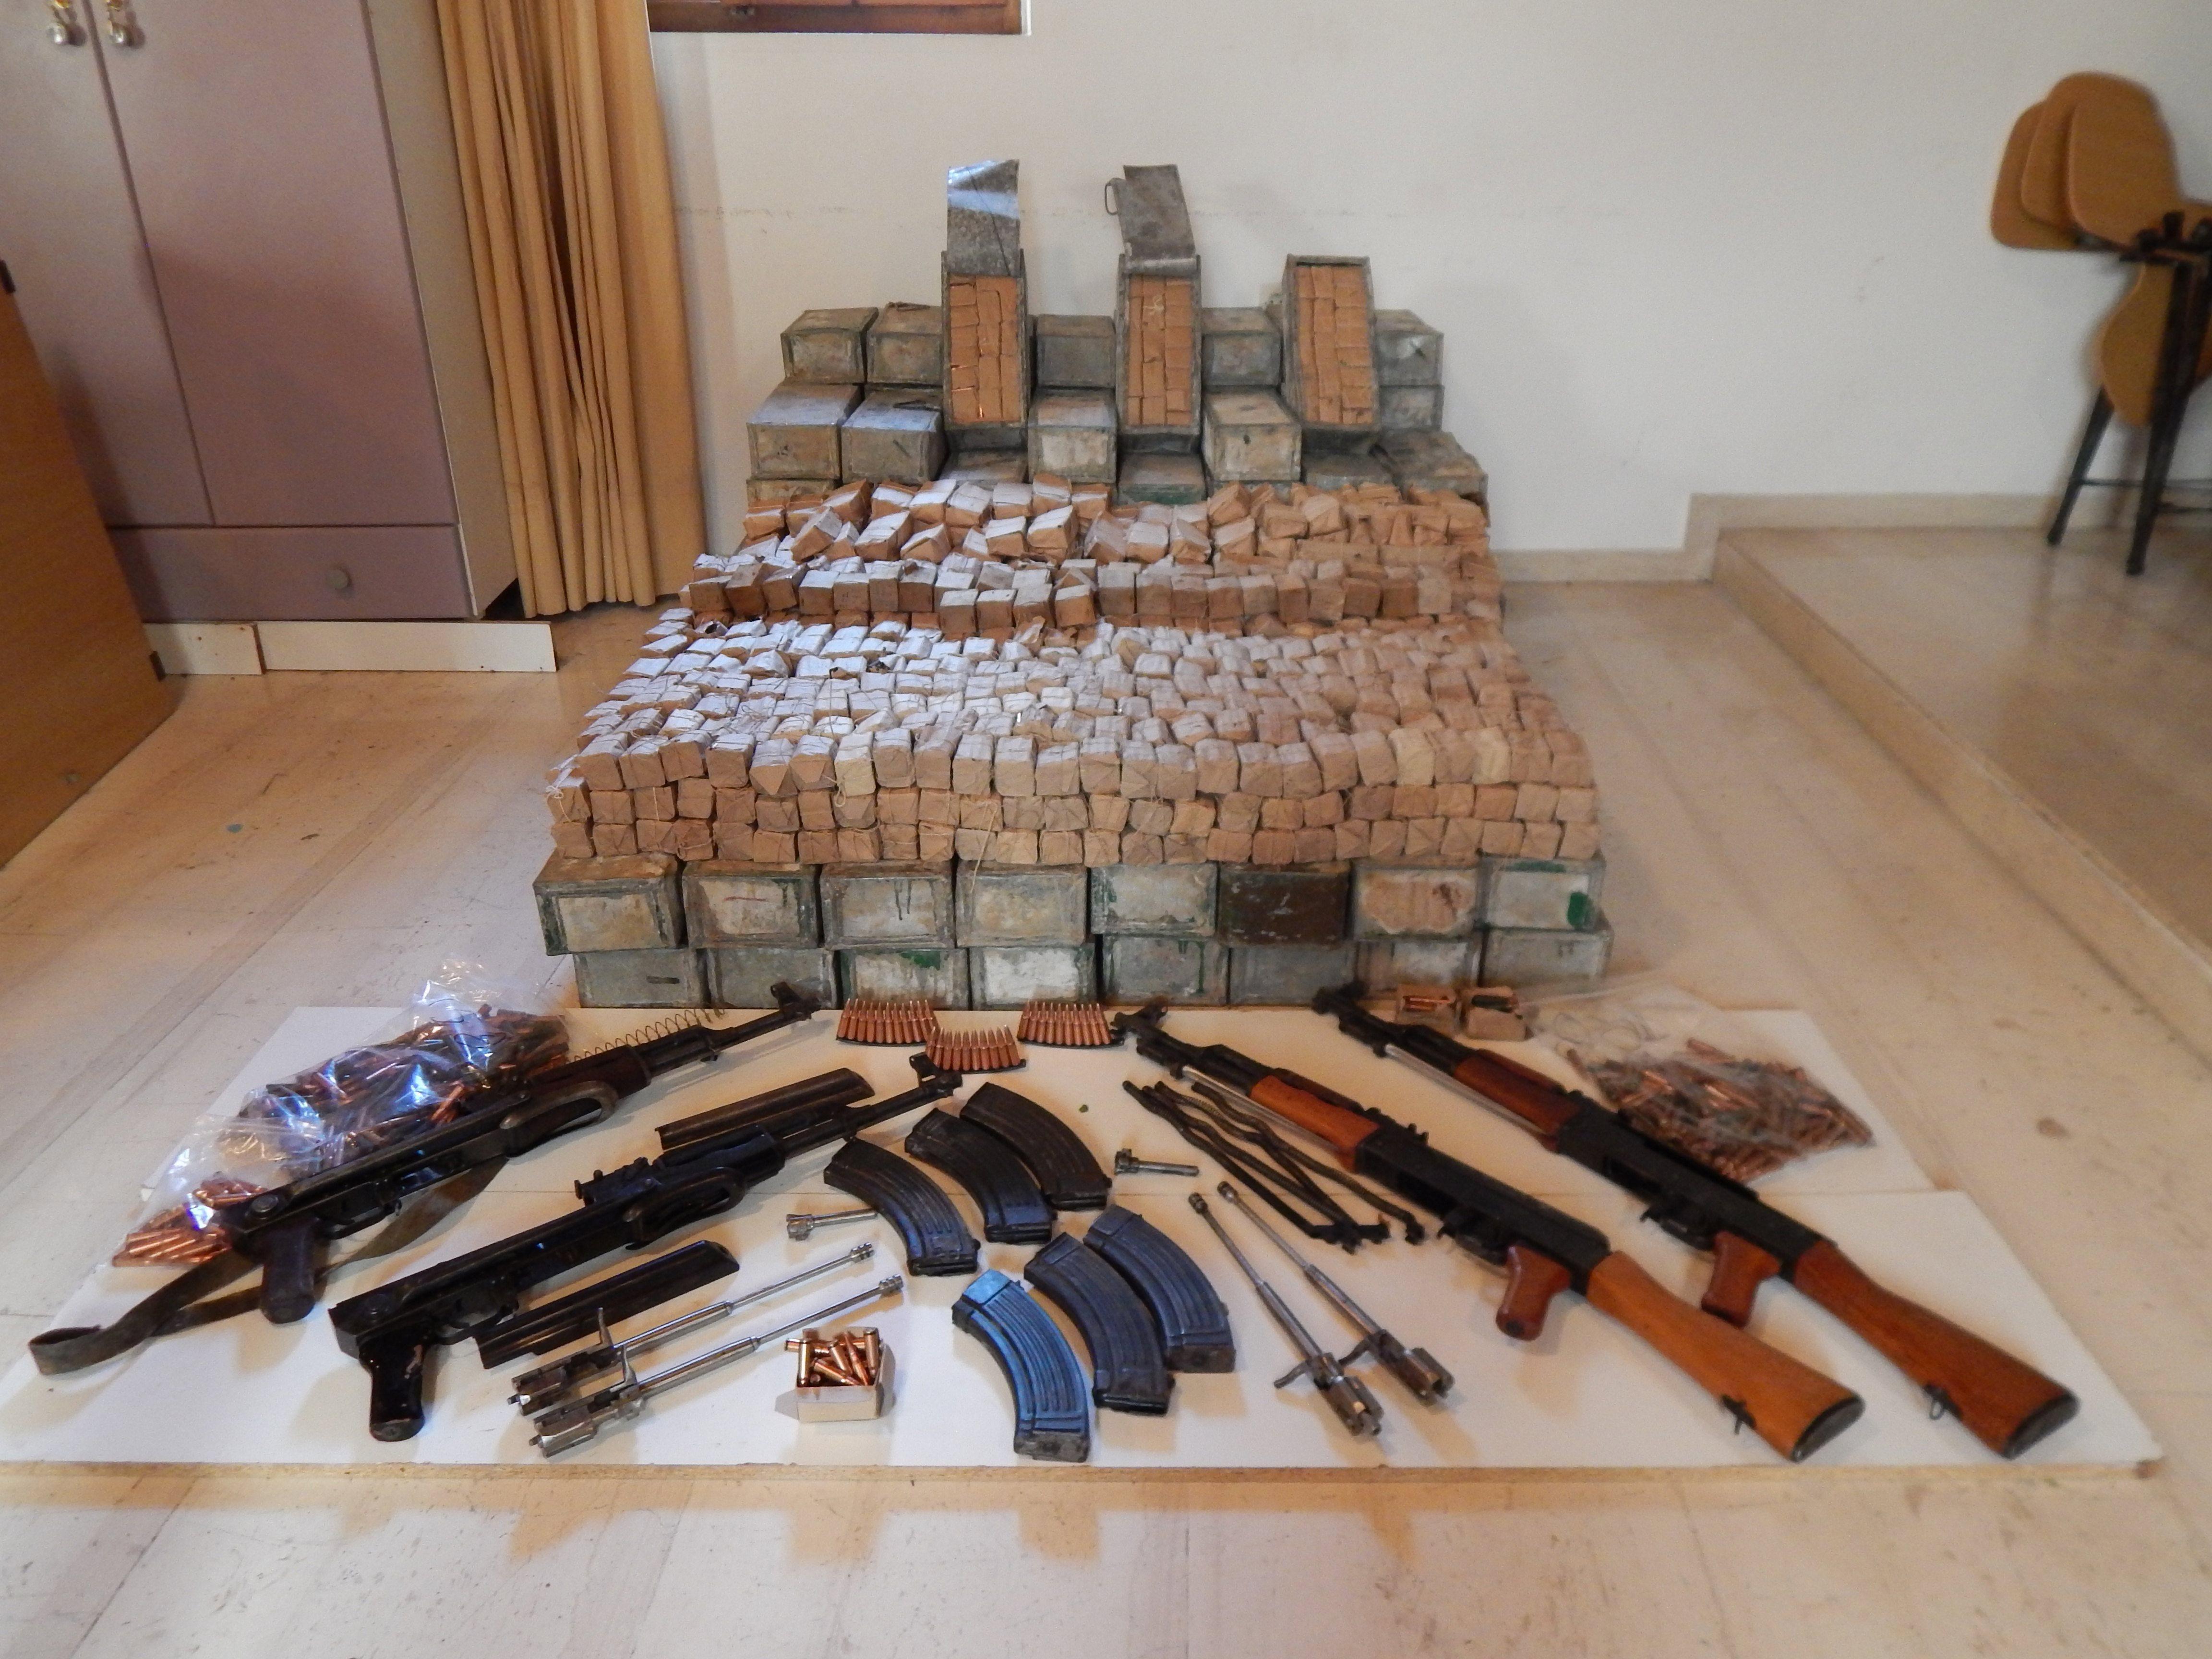 Armë në aksin Shqipëri-Greqi, 6 të arrestuar në vendin fqinj